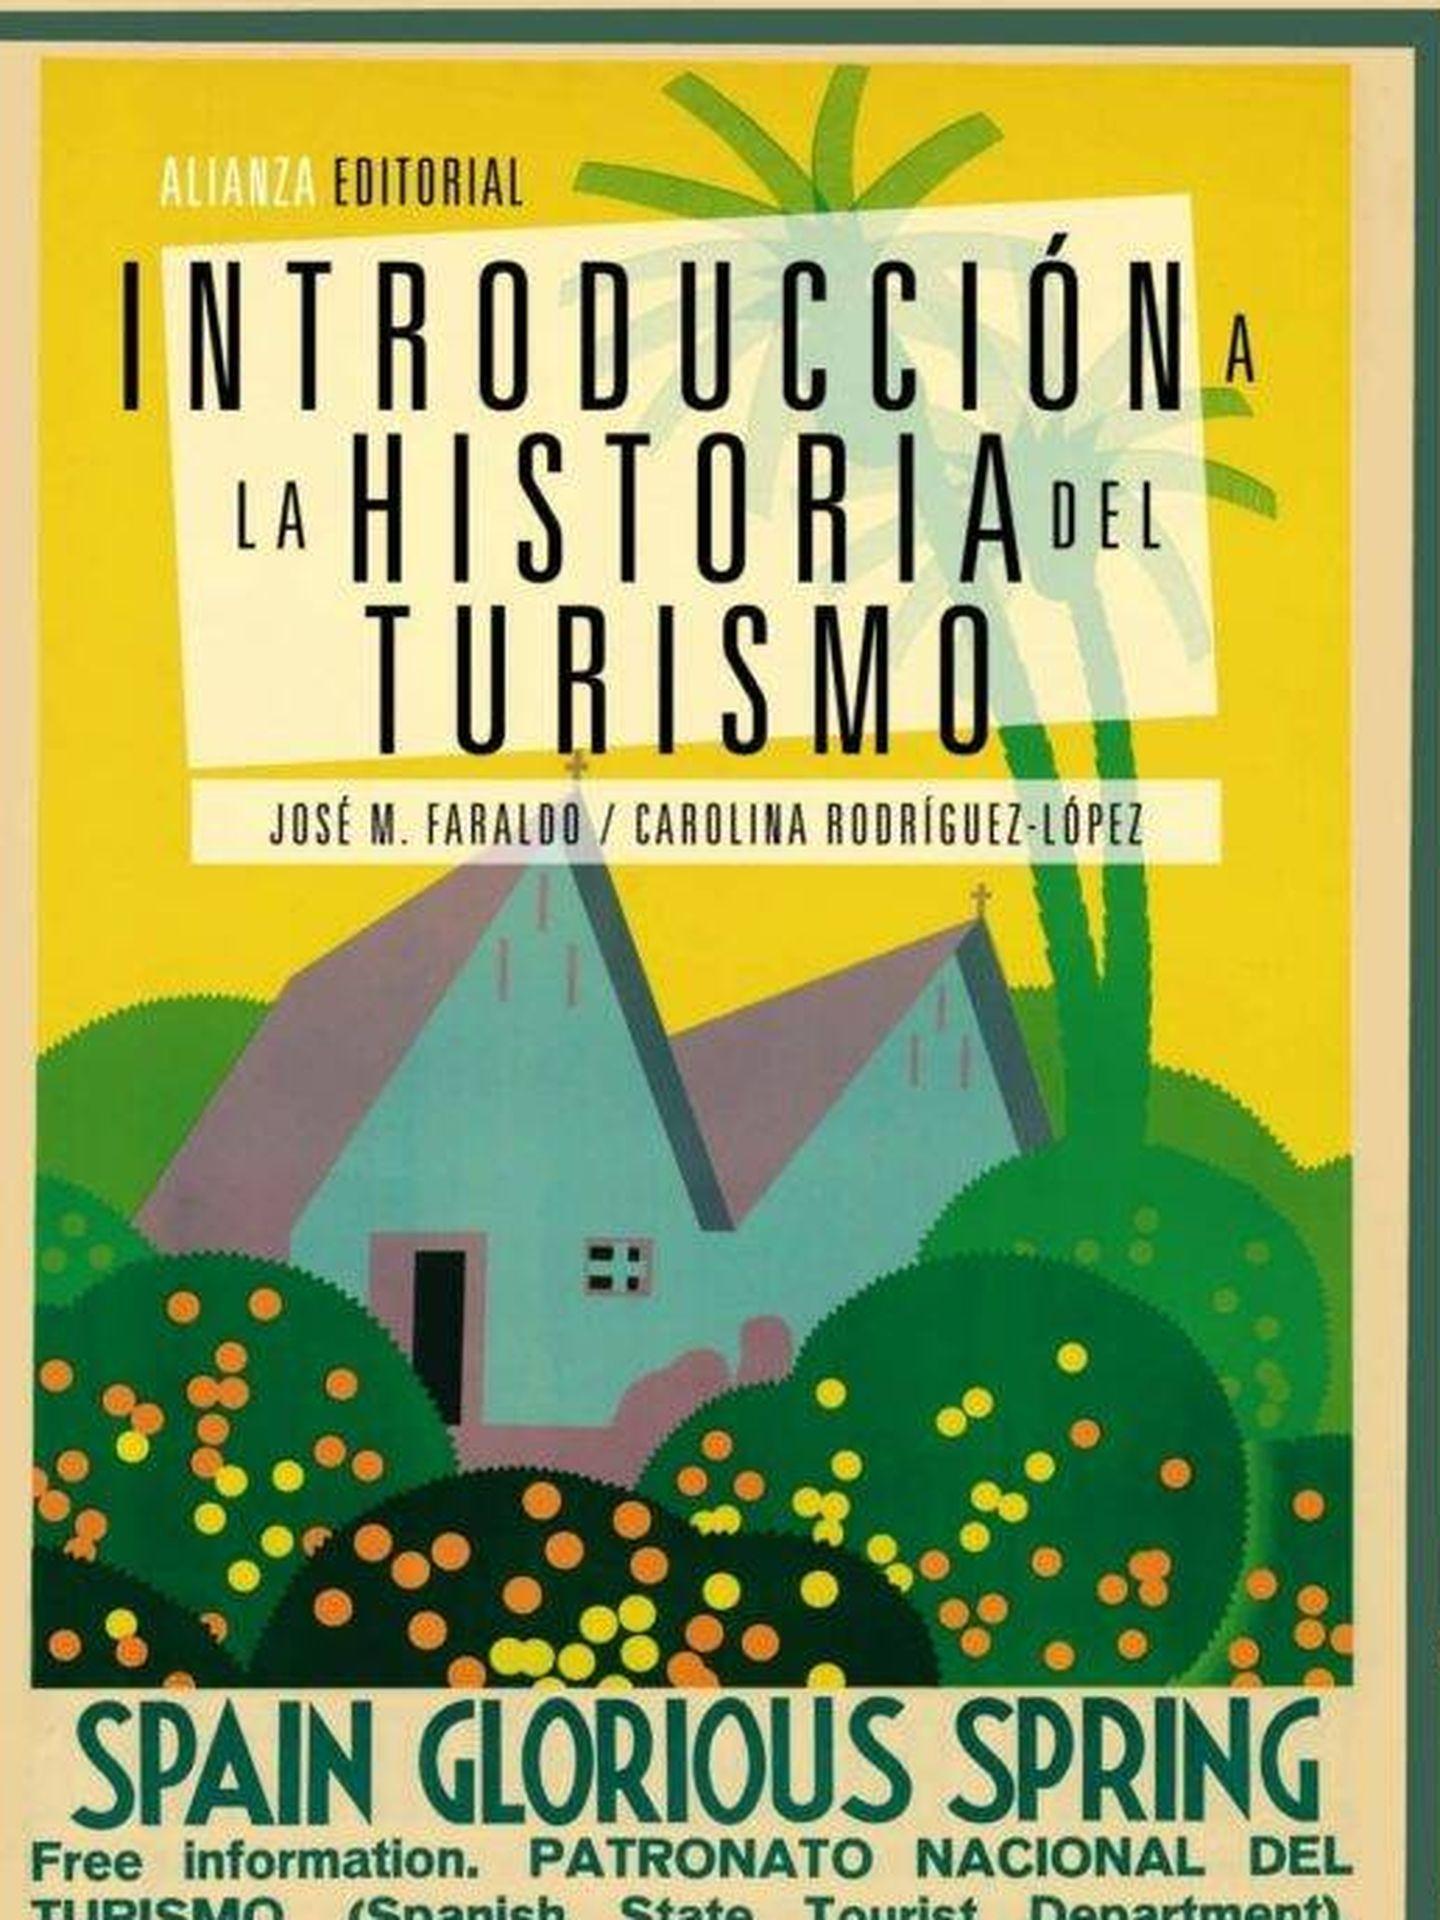 Portada de 'Introducción a la historia del turismo' de José M. Faraldo y Carolina Rodríguez-López.